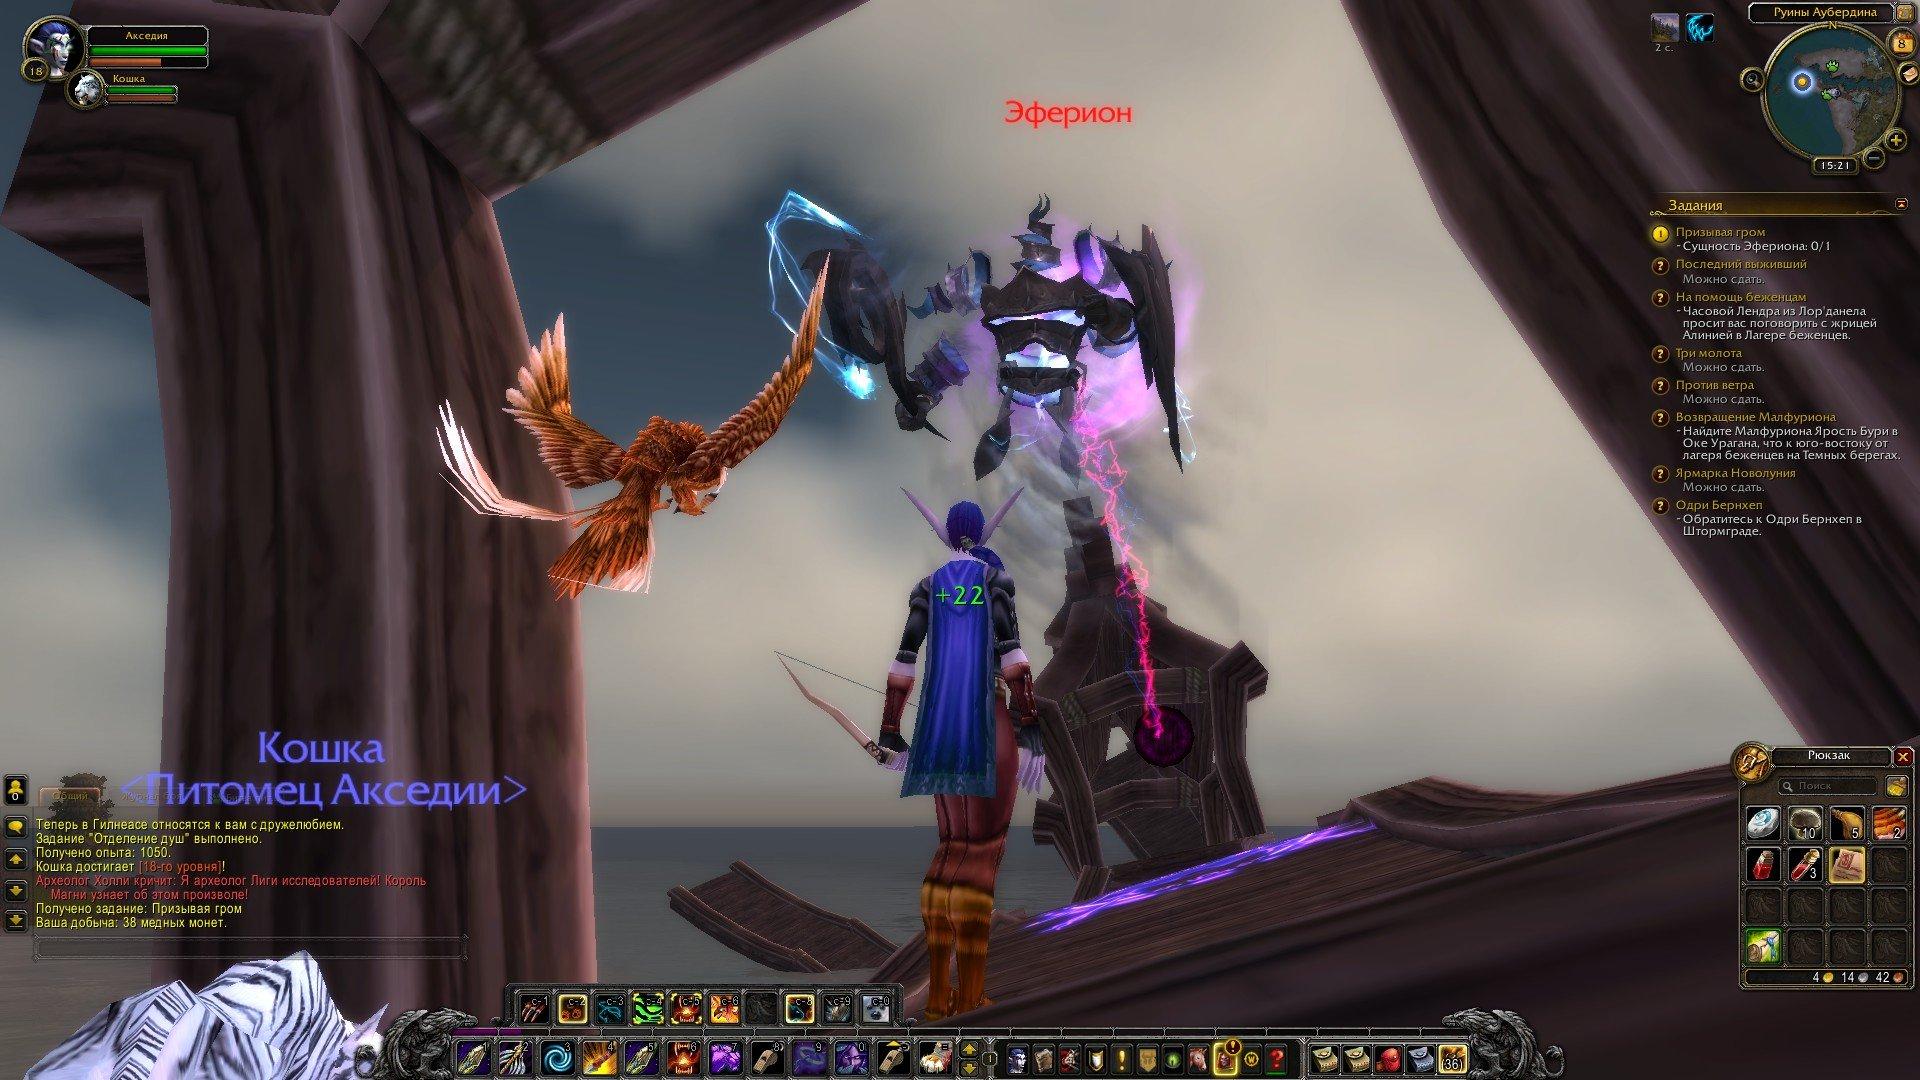 Путешествие по World of Warcraft ... Ночной Эльф. Глава 2 - Изображение 9